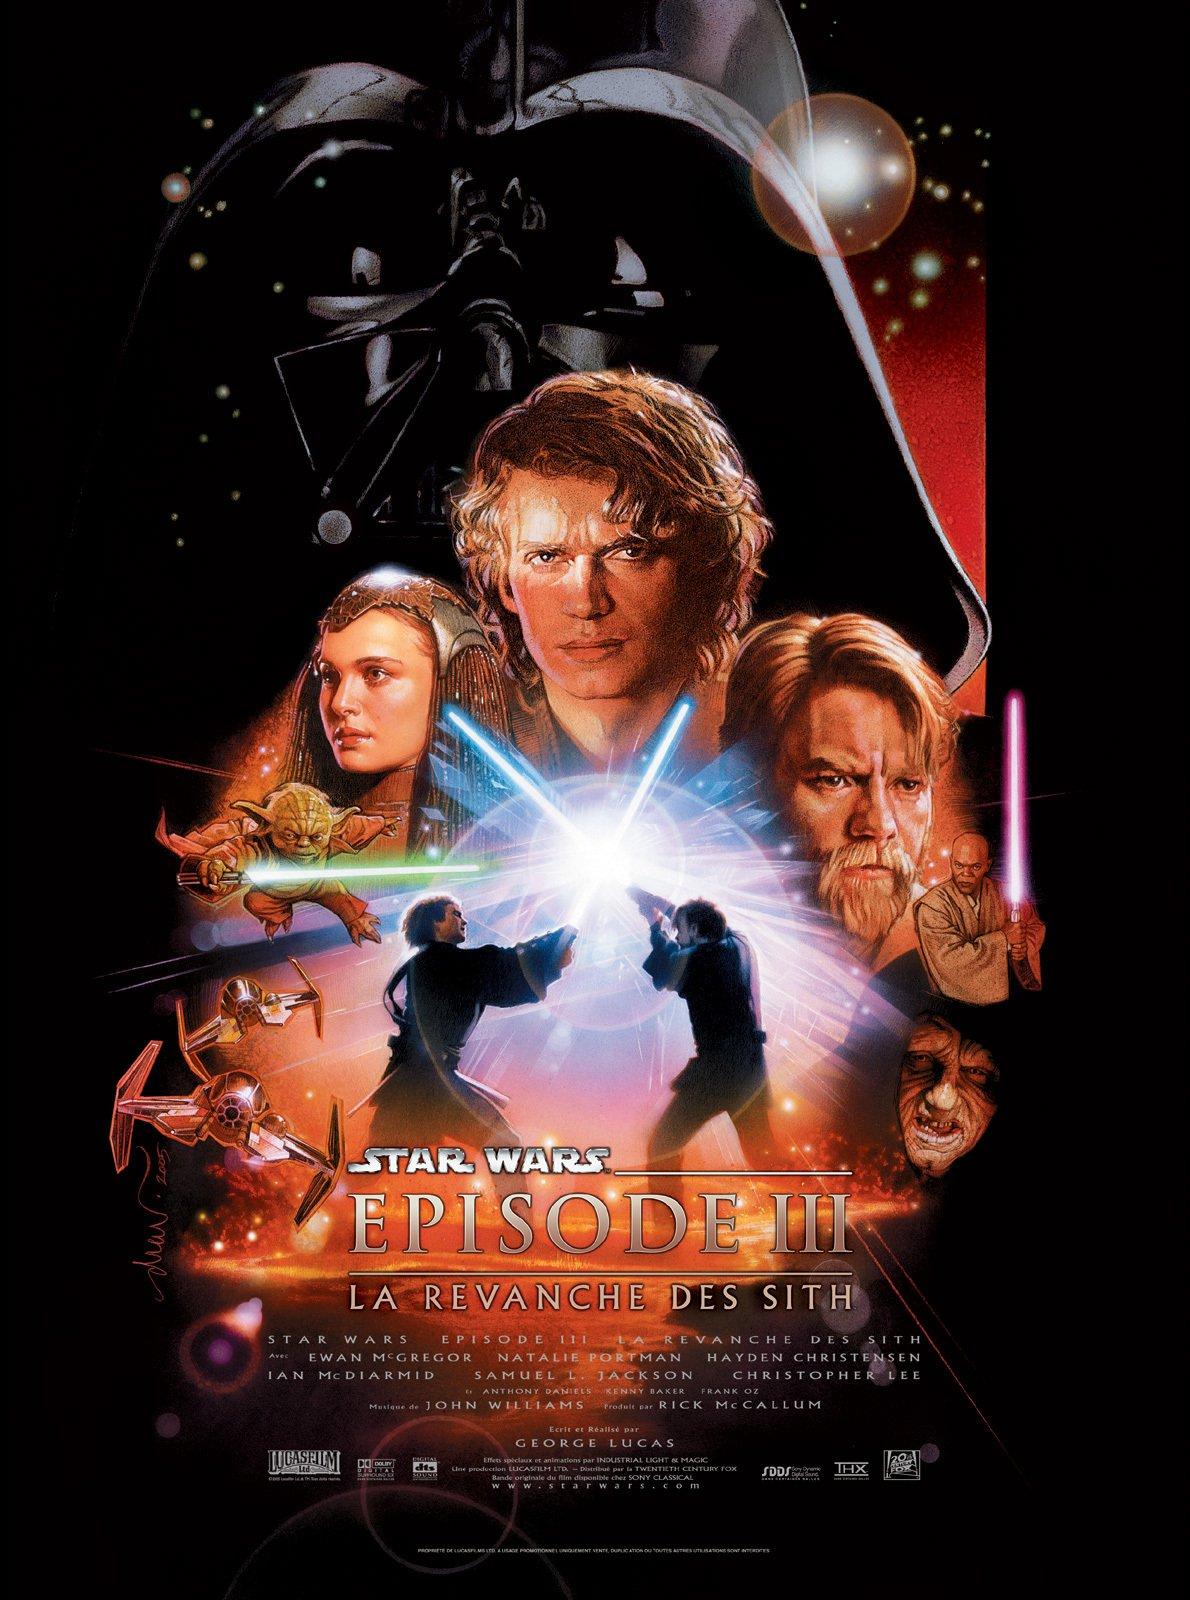 affiche du film Star Wars : Épisode 3 - La revanche des Sith